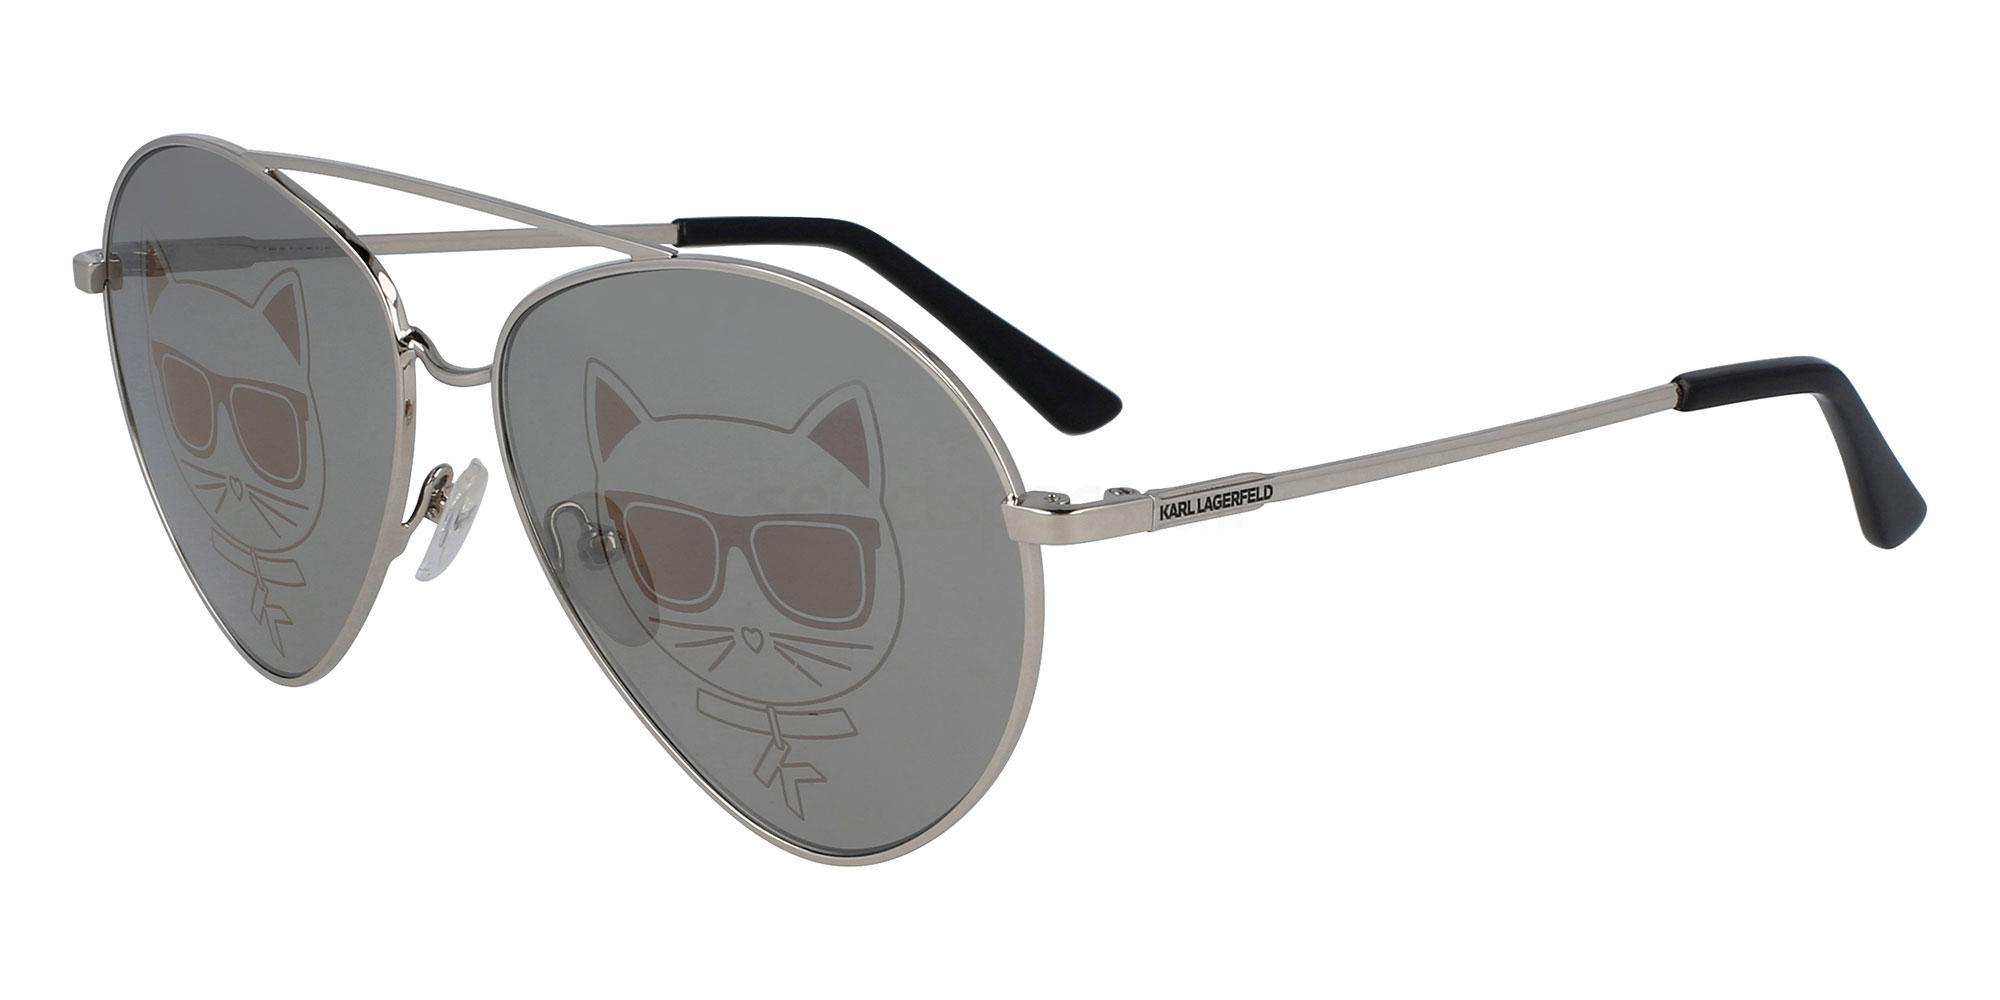 510 KL275S Sunglasses, Karl Lagerfeld